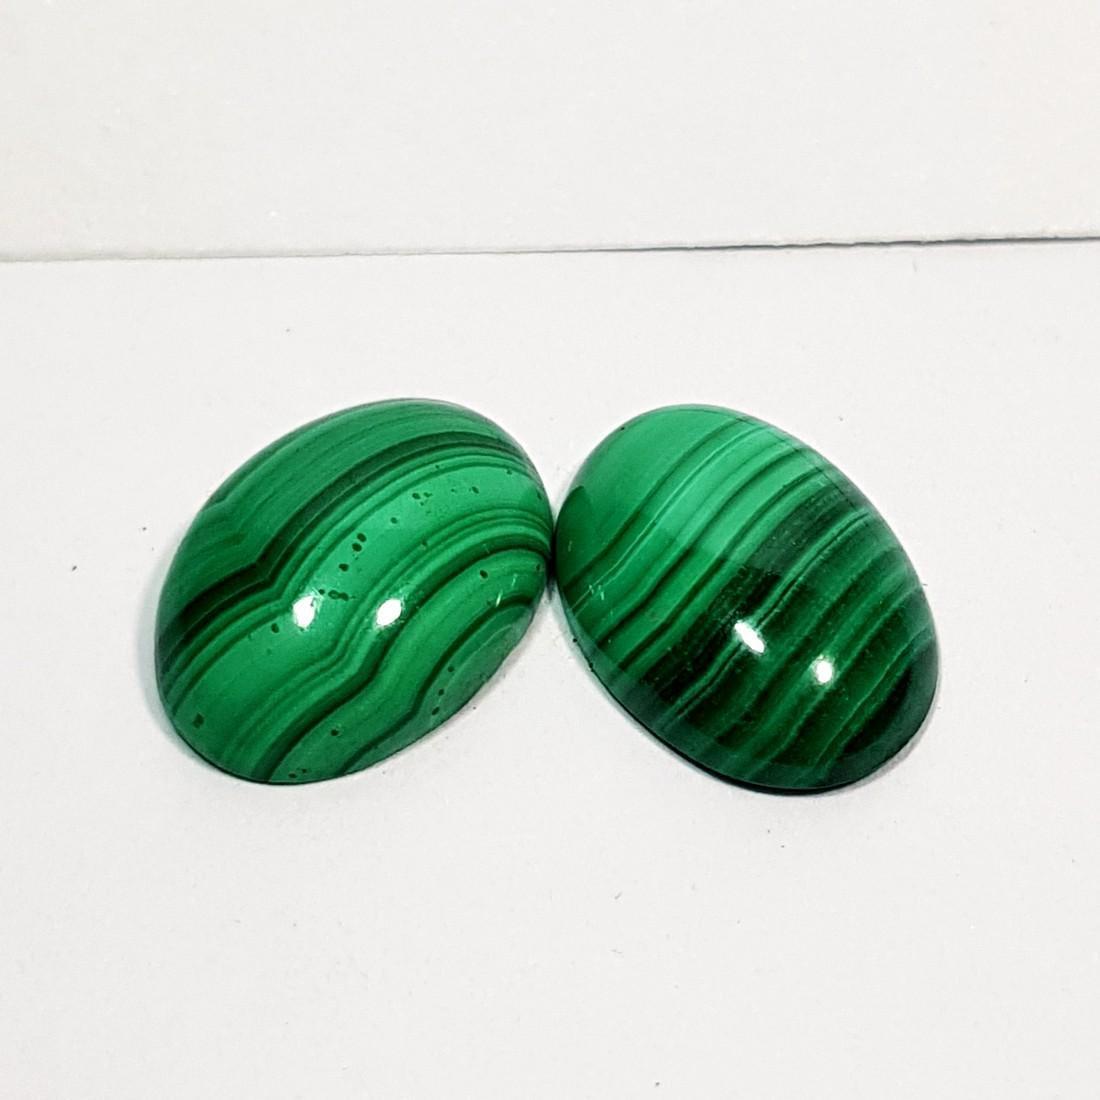 2 Pcs of Wonderful Oval Cut Natural Malachite - 11.00 - 3